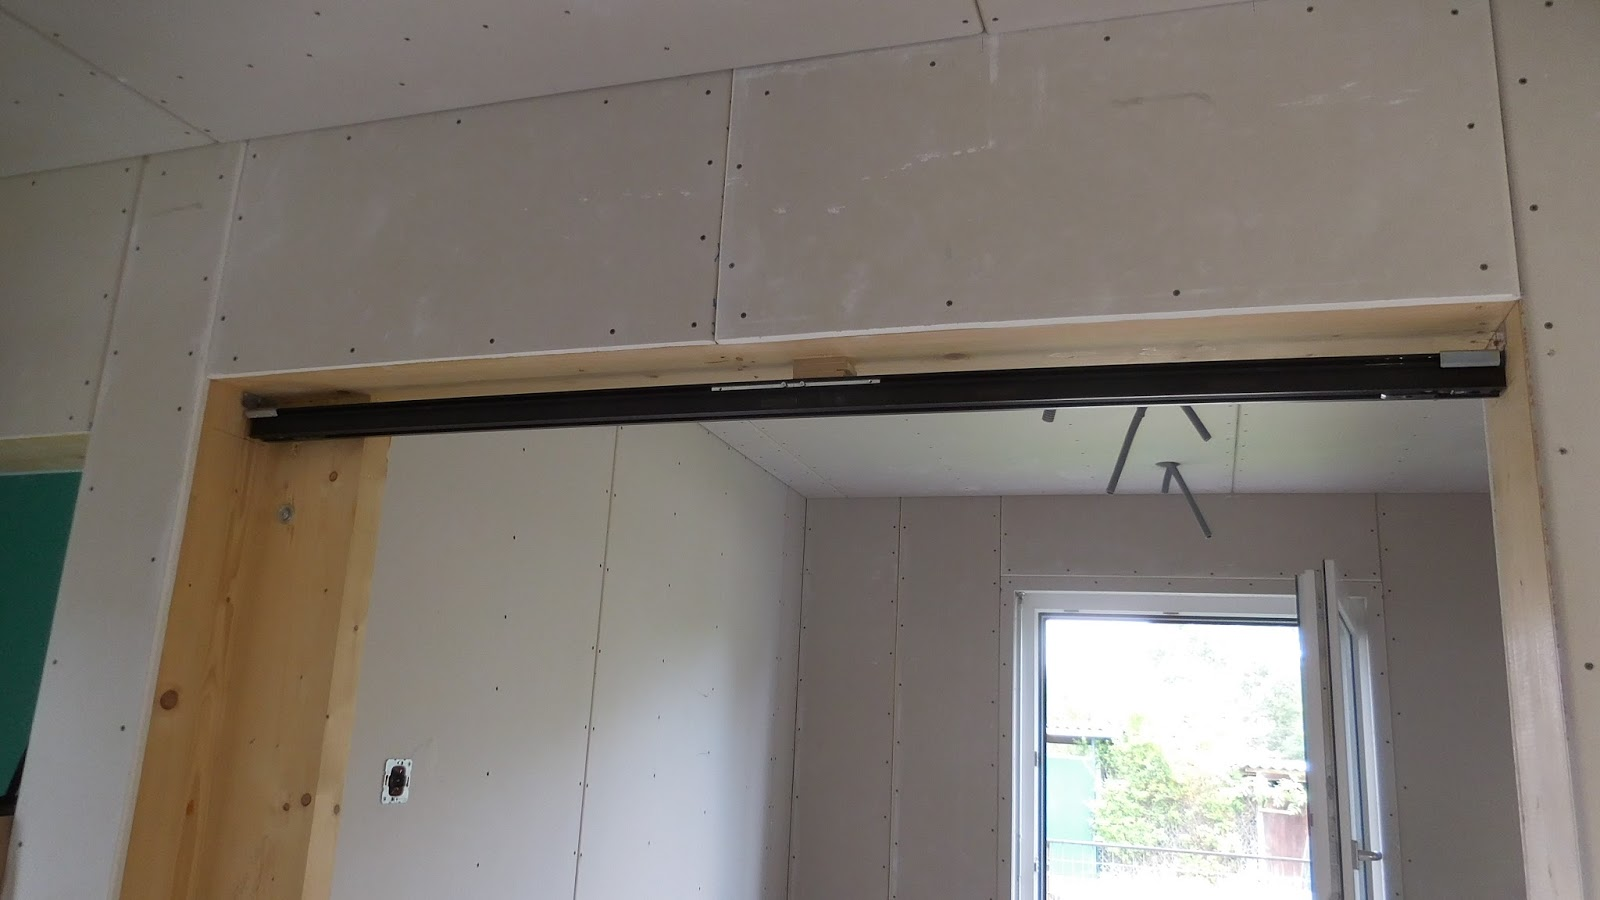 schiebet r f r k che sp lbecken stein k che essecke landhaus deko streichen farbideen. Black Bedroom Furniture Sets. Home Design Ideas